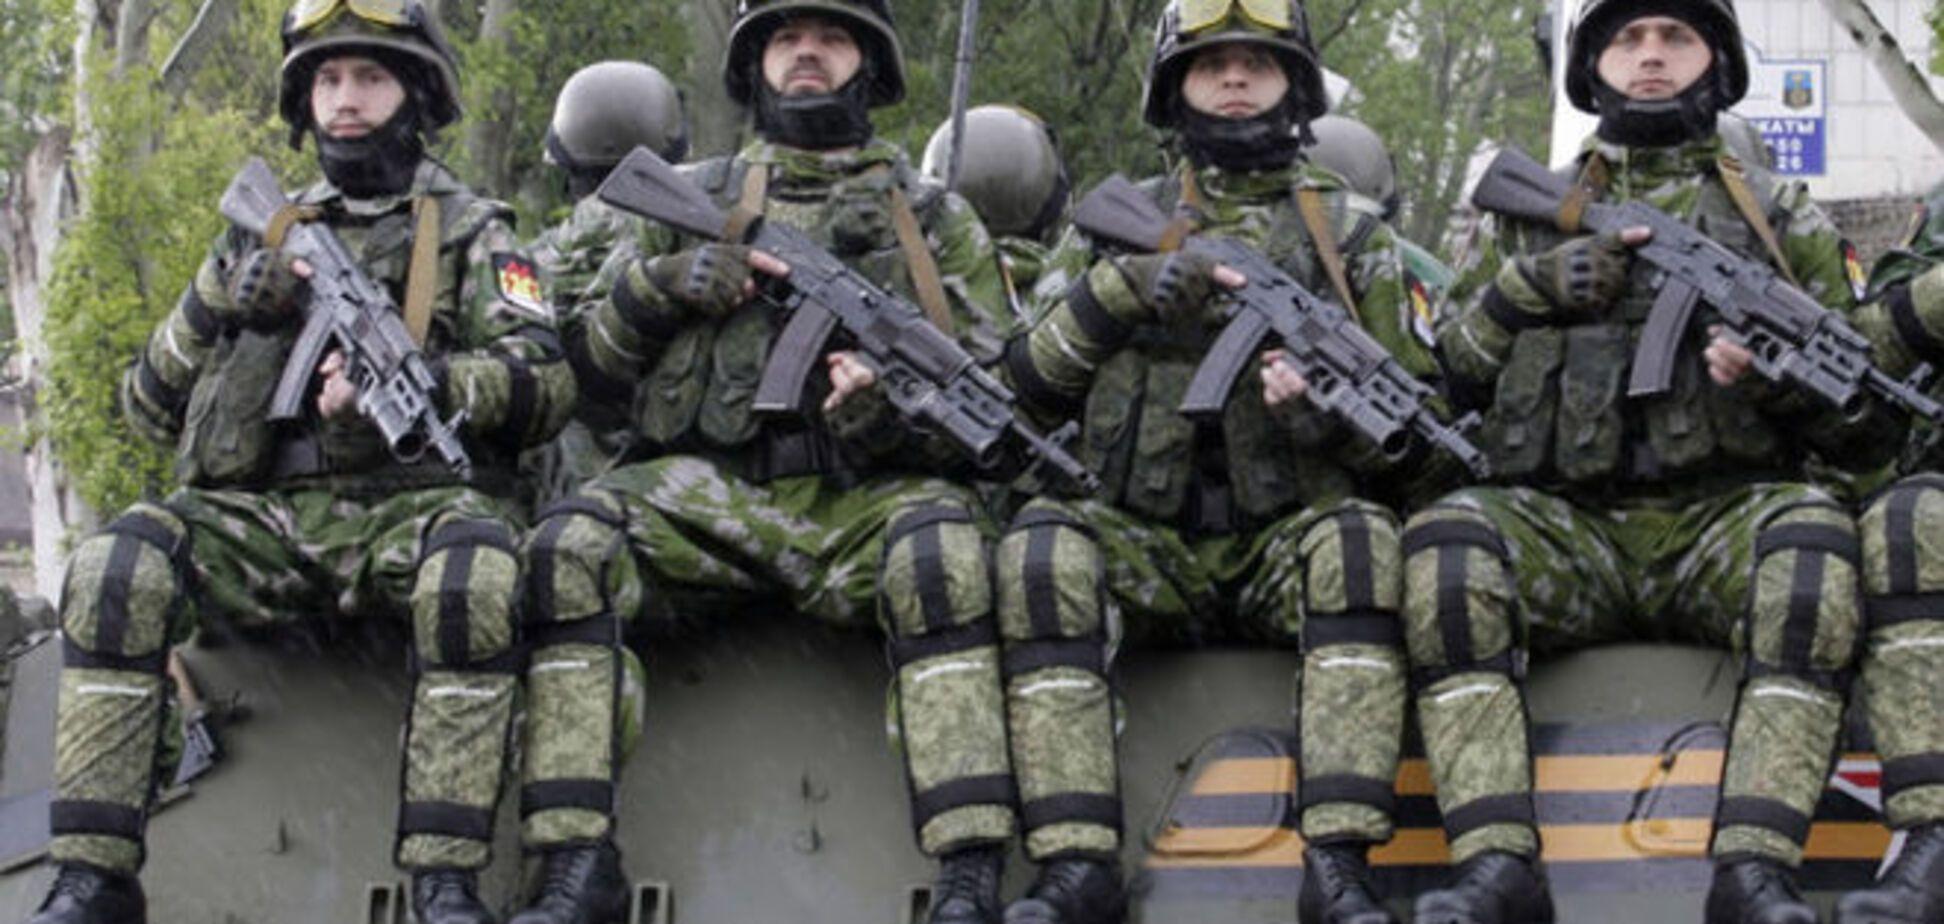 Под Донецком диверсионные группы террористов пытались пробиться в тыл сил АТО